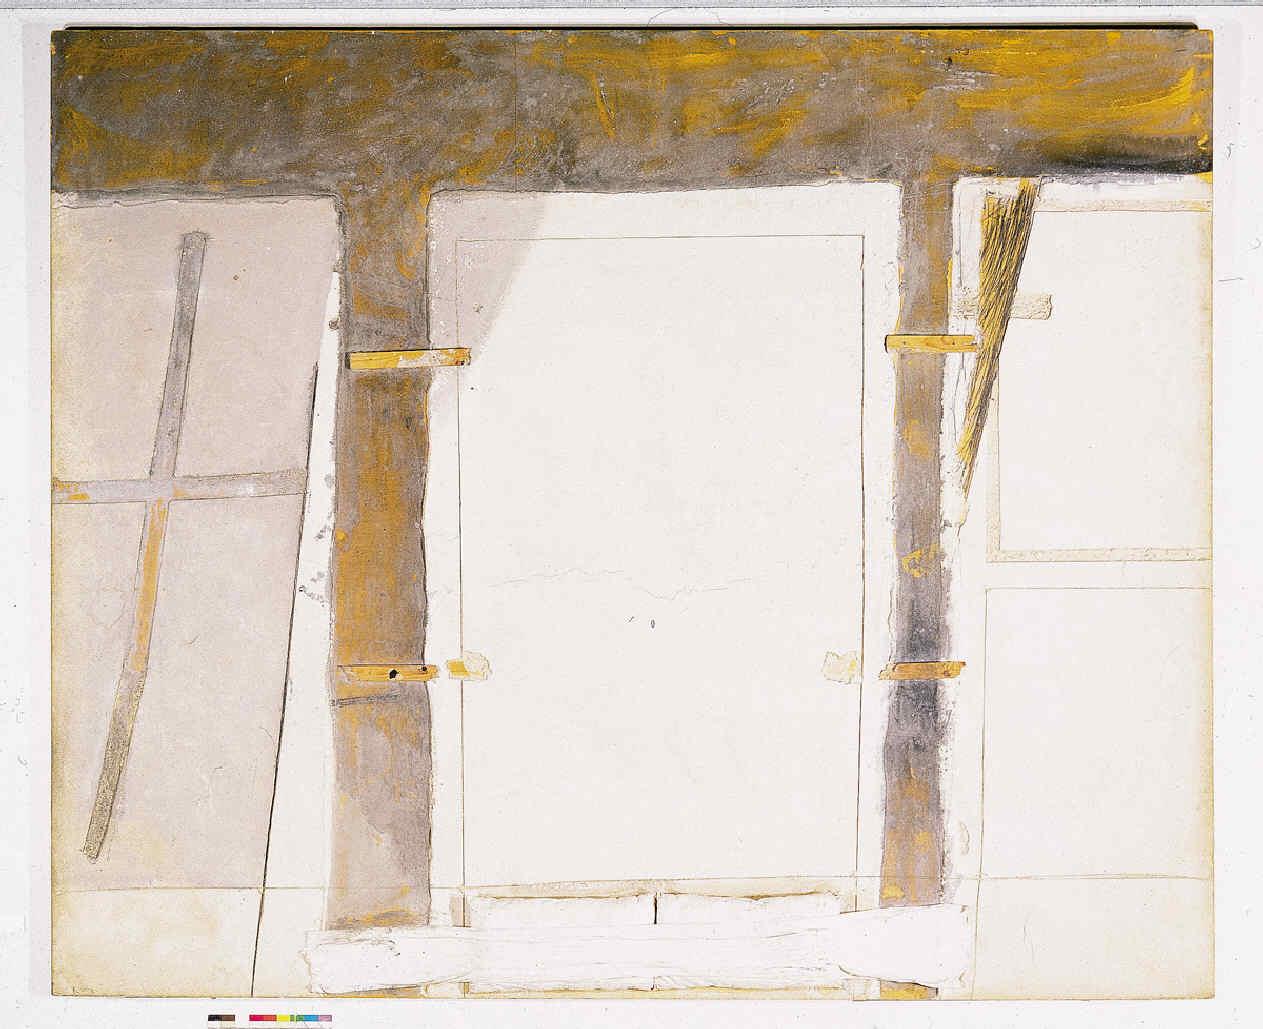 Gran llit porta (1972).